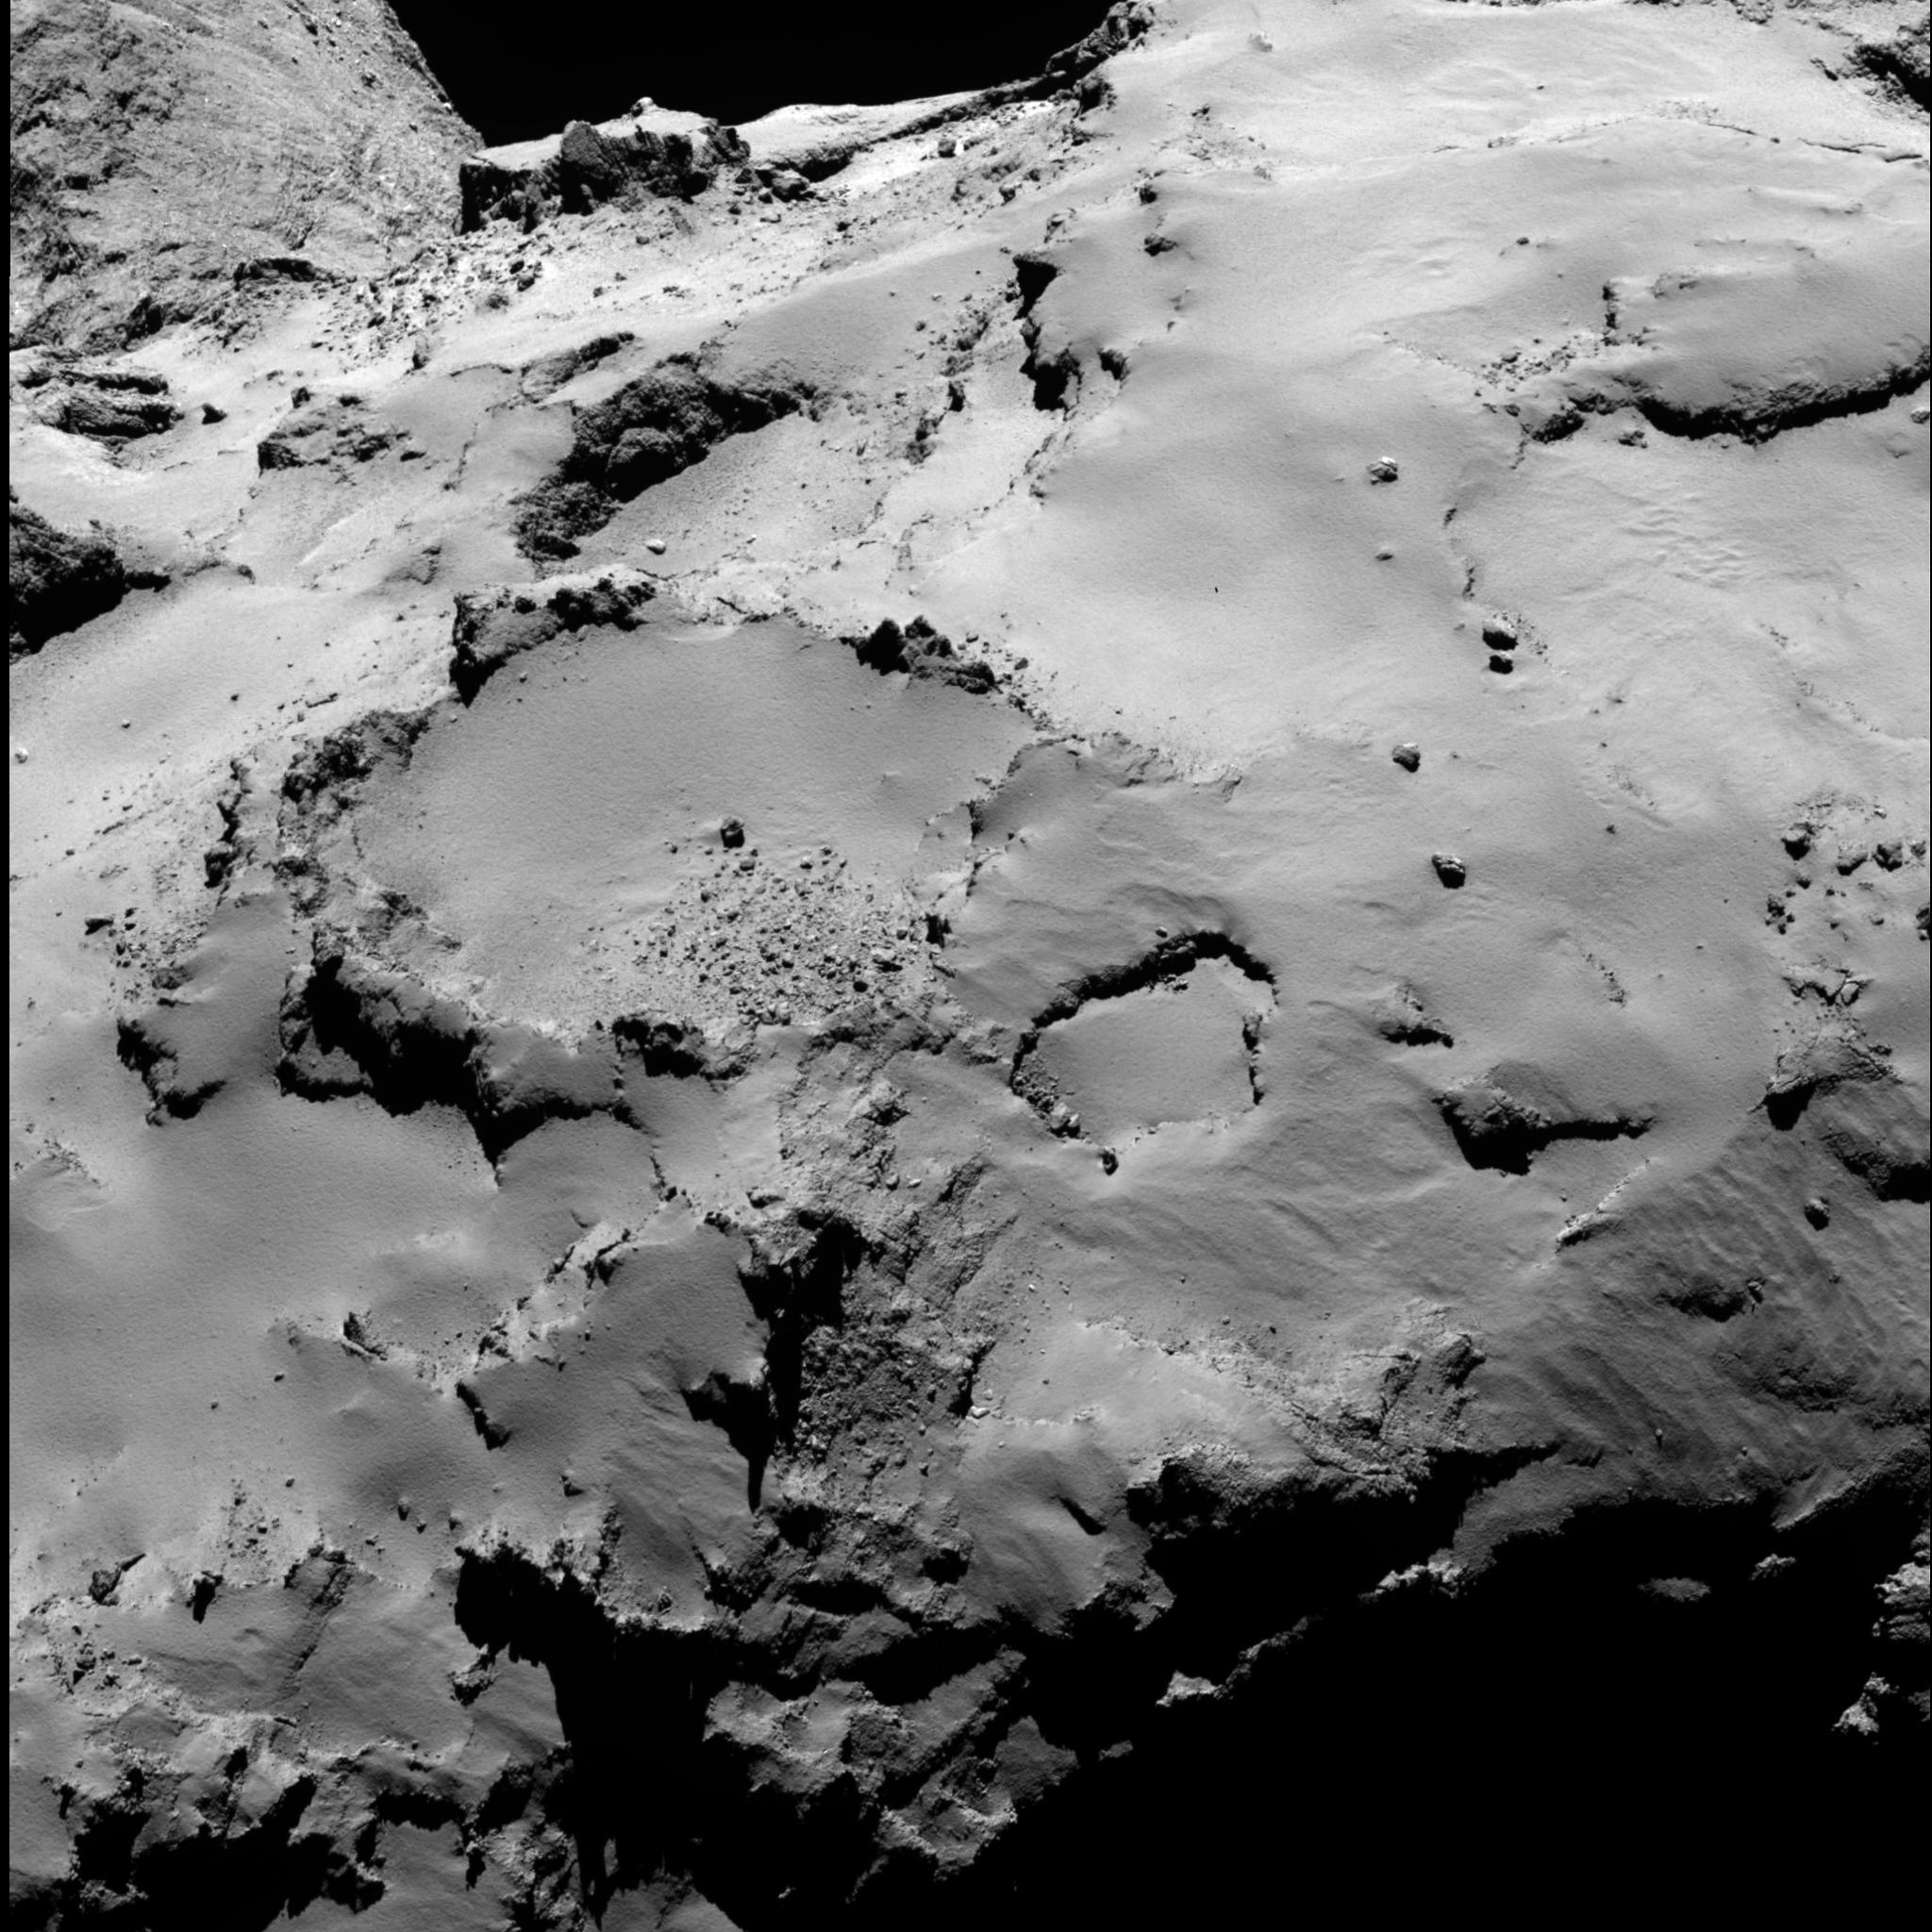 esa rosetta philae landing - HD1024×1024